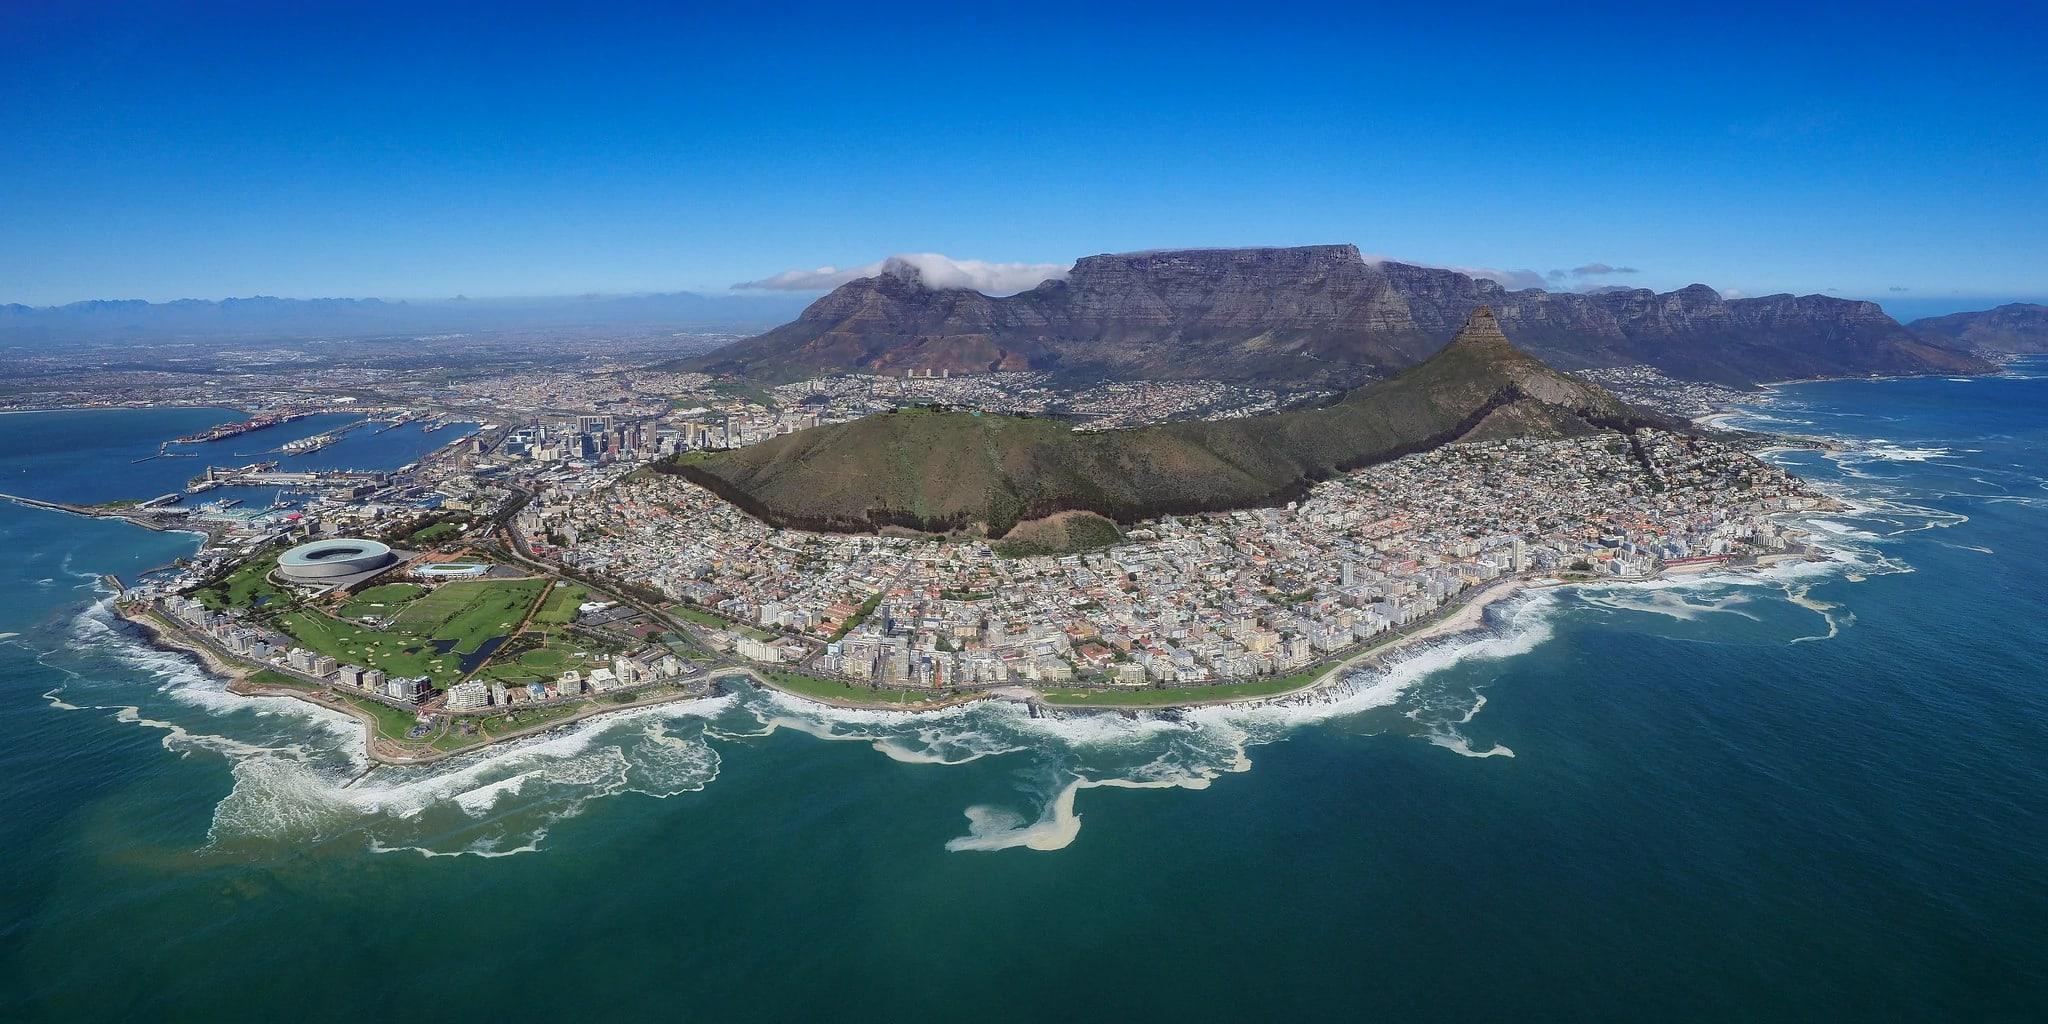 Вид на Кейптаун. Столовая гора